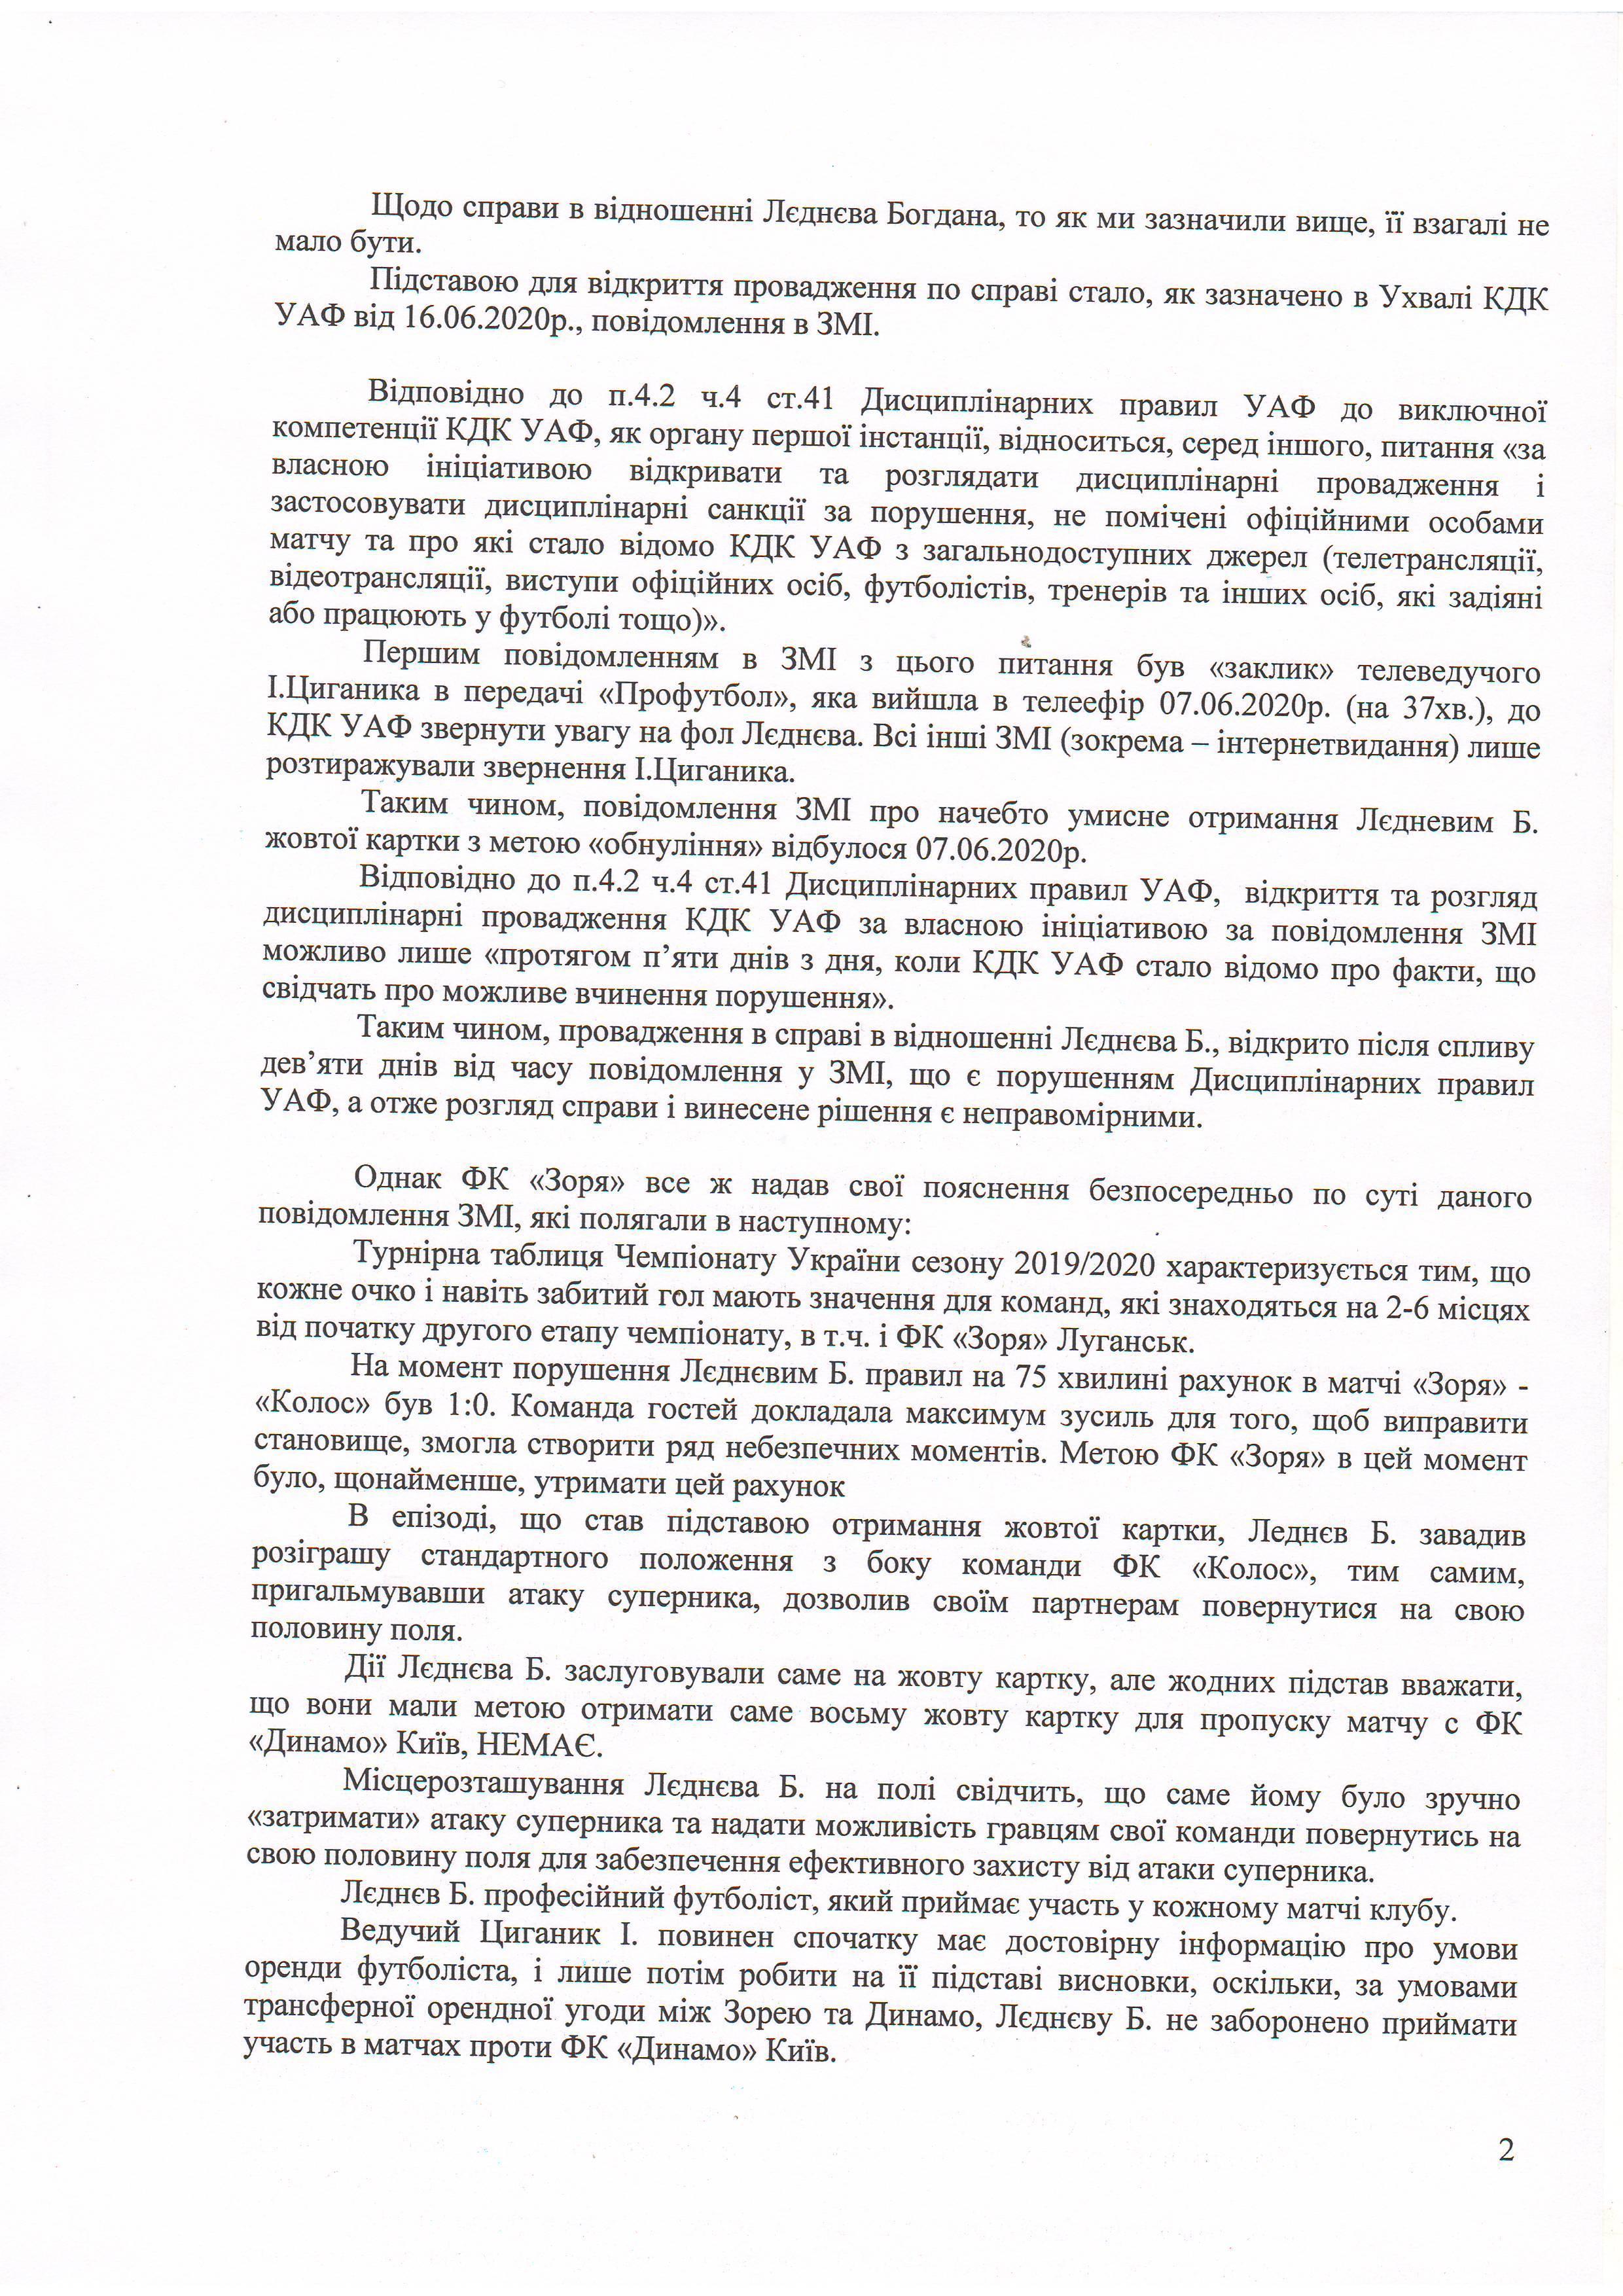 """""""Заря"""" выступила с официальной позицией относительно дисквалификации КДК УАФ Цвека и Леднева - изображение 2"""